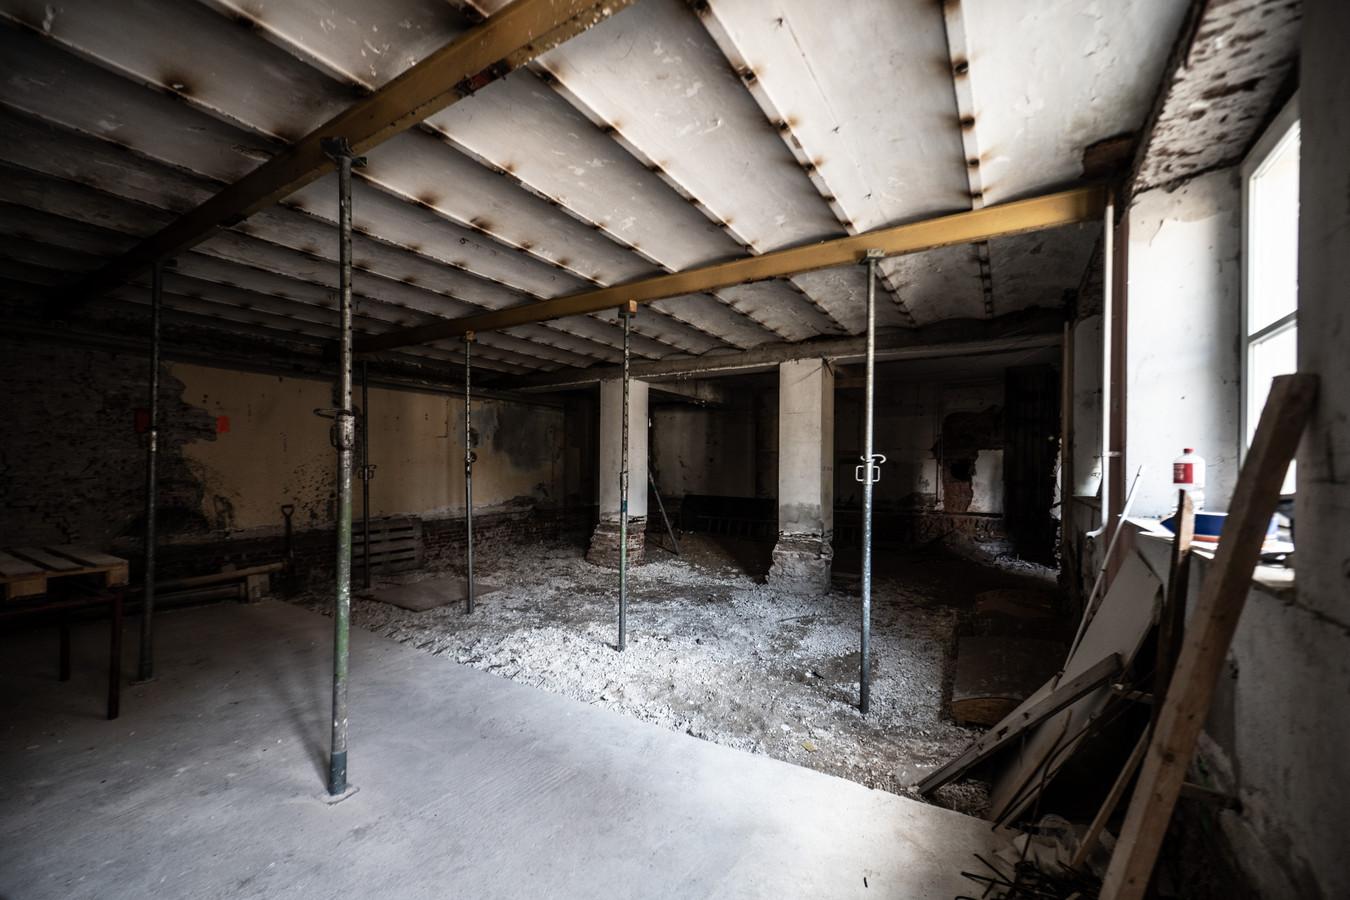 Keuken Grote Open : De nieuwe winkel verhuist naar eeuwenoud nijmeegs weeshuis foto